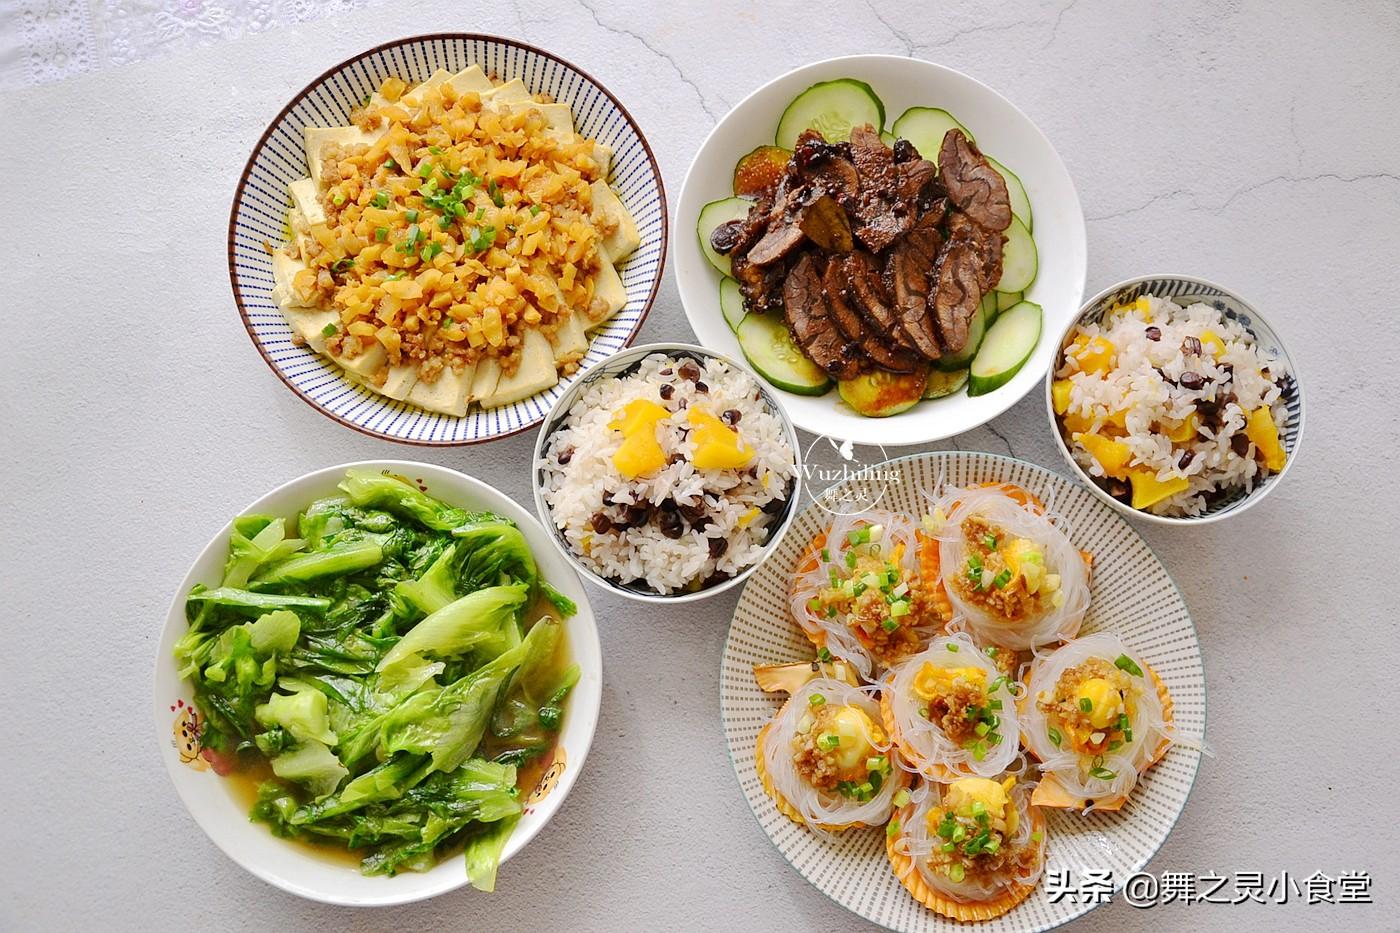 为高考生精心准备的午餐,健康又营养 午餐 第1张